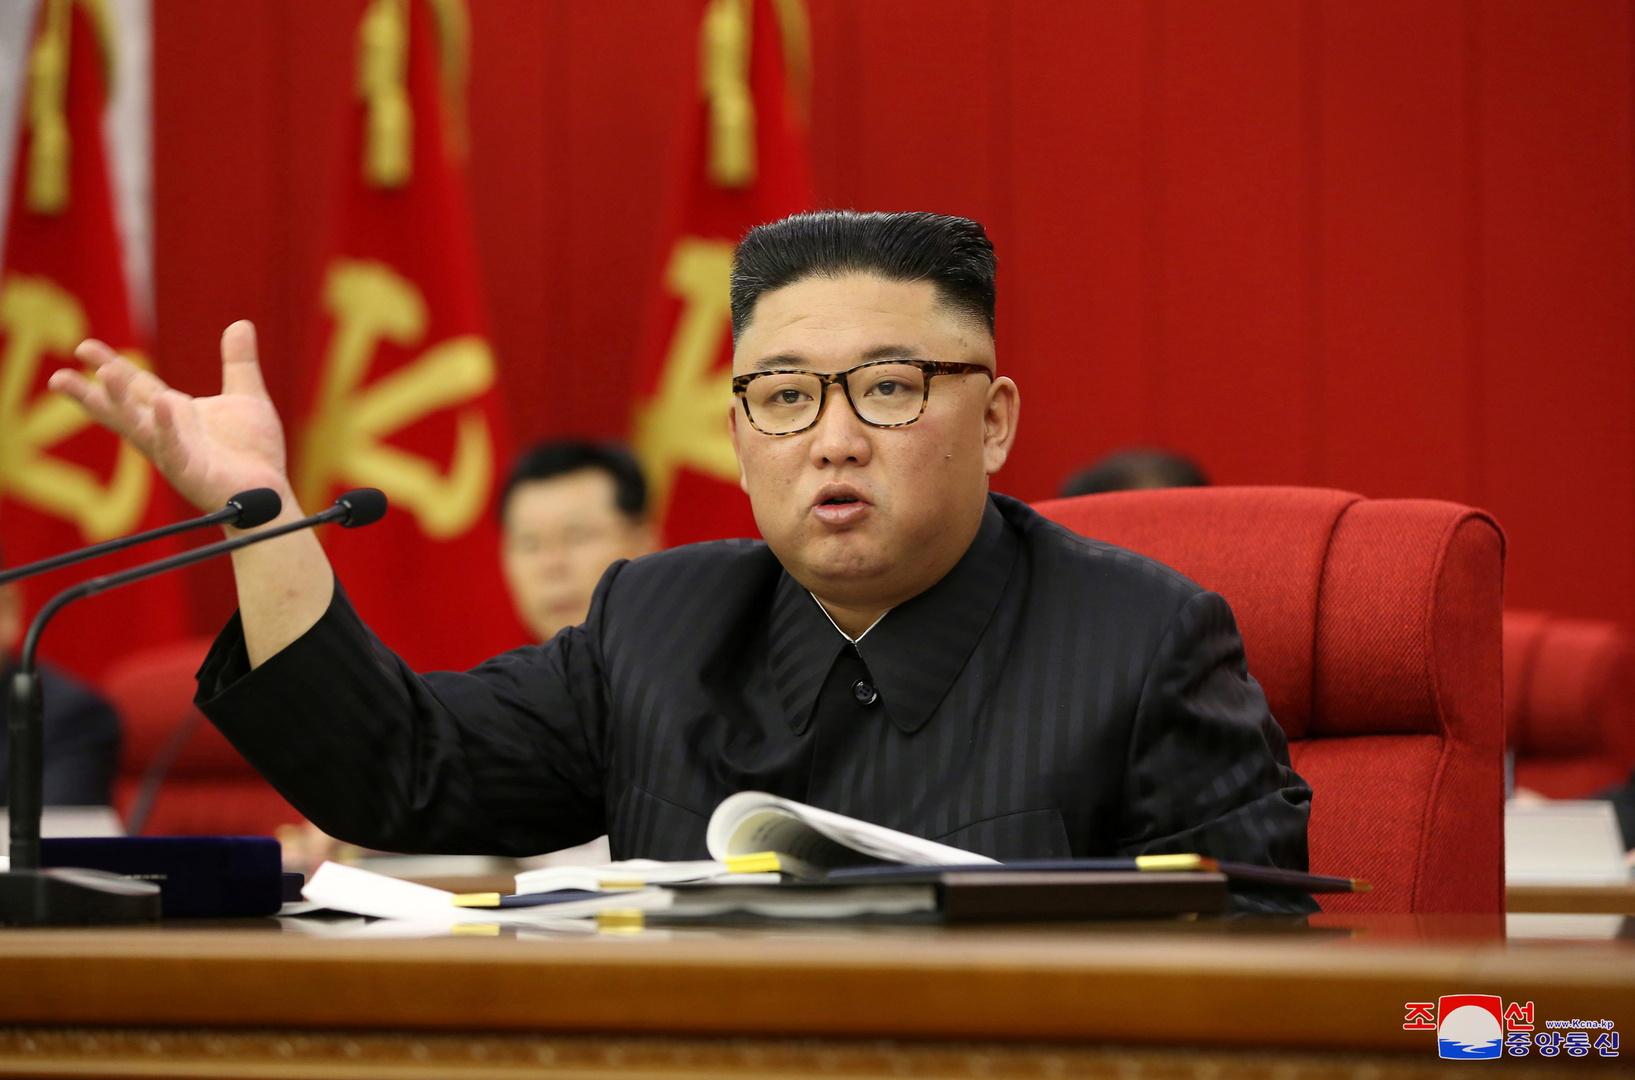 زعيم كوريا الشمالية يؤكد تأزم الوضع الغذائي في بلاده بسبب كورونا والأعاصير